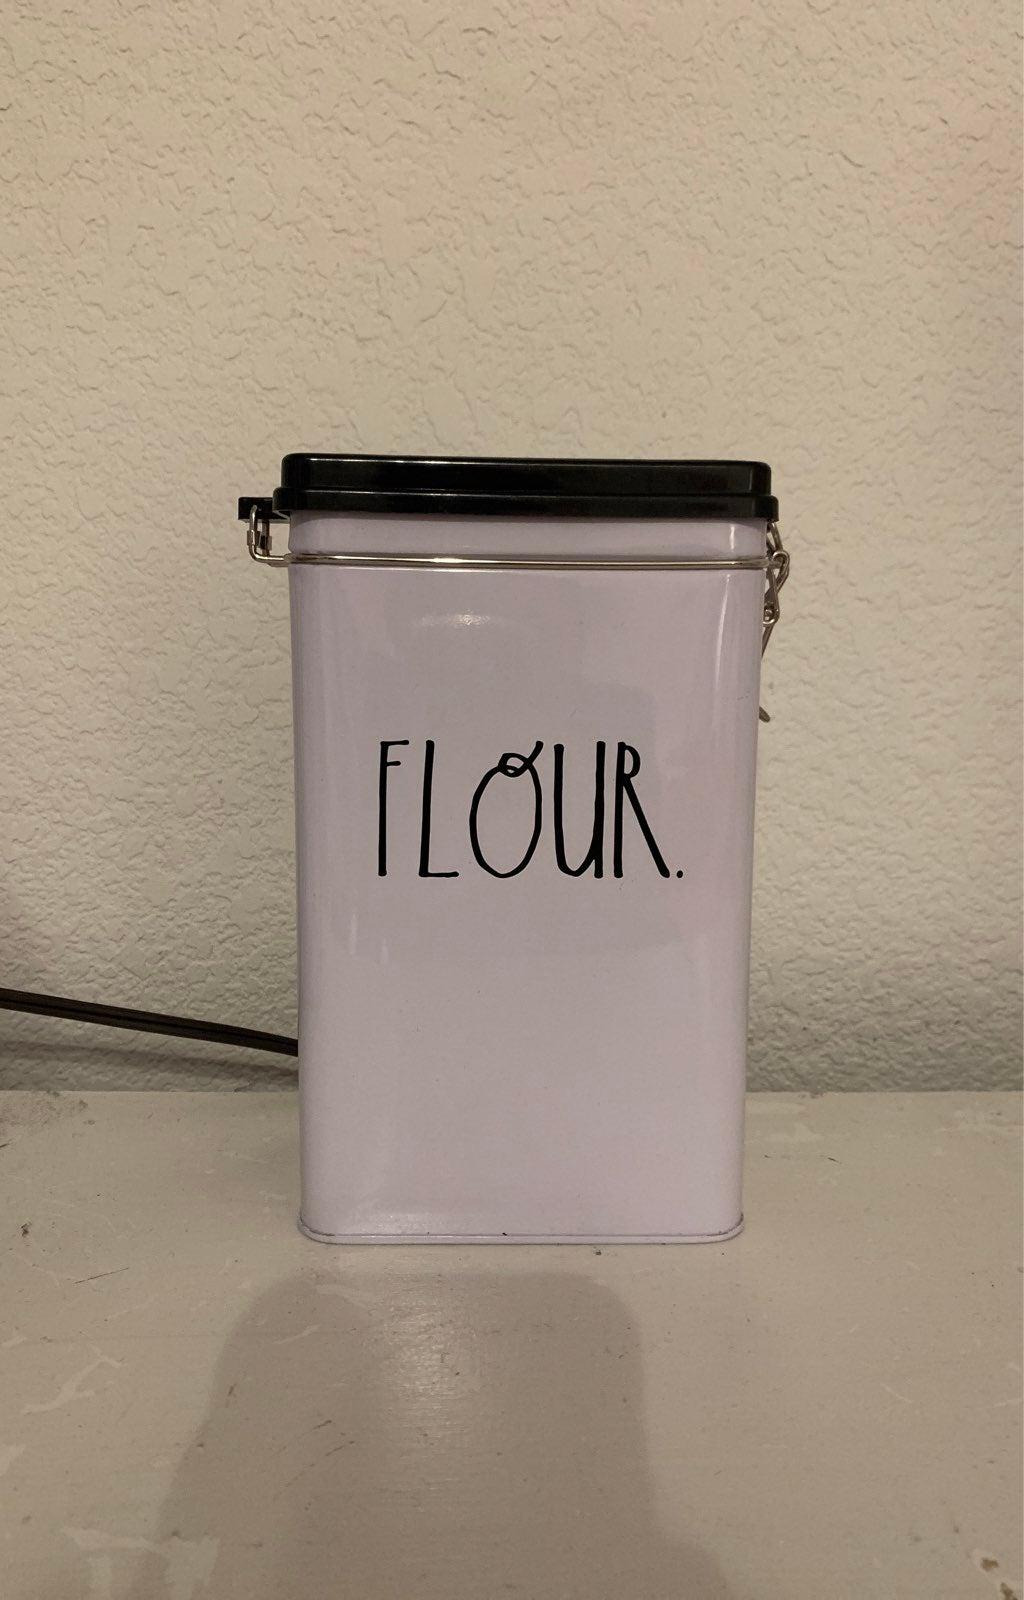 Rae Dunn Flour Tin